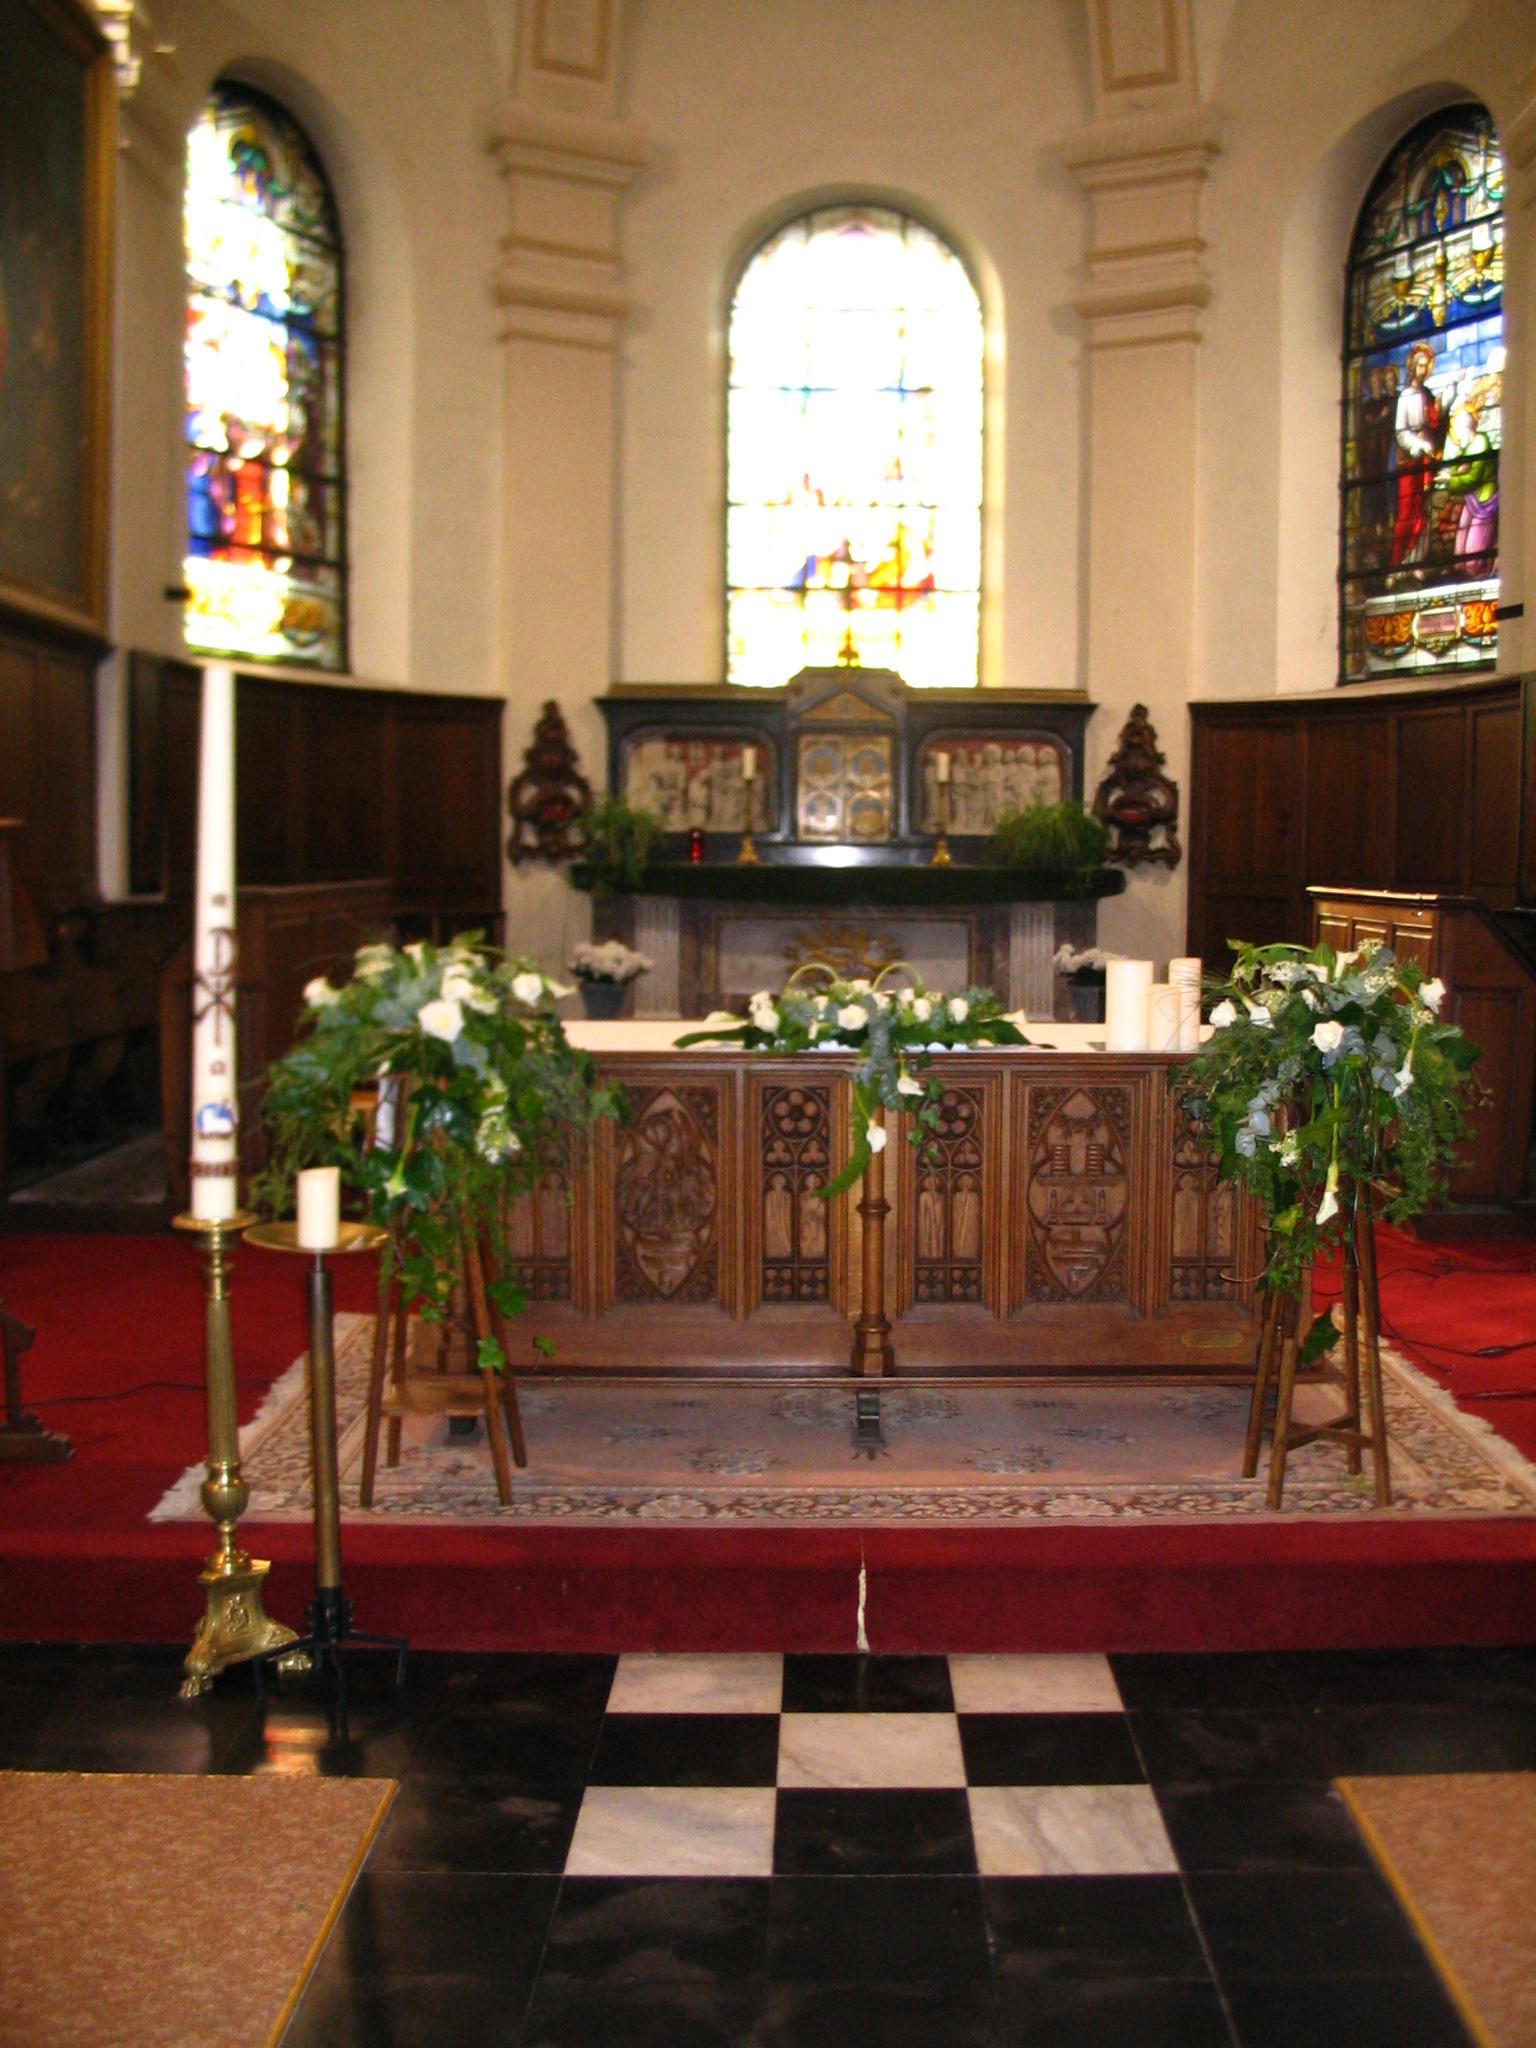 Decoration Eglise Mariage Hiver : Les décorations de mariage — fleurs velghe